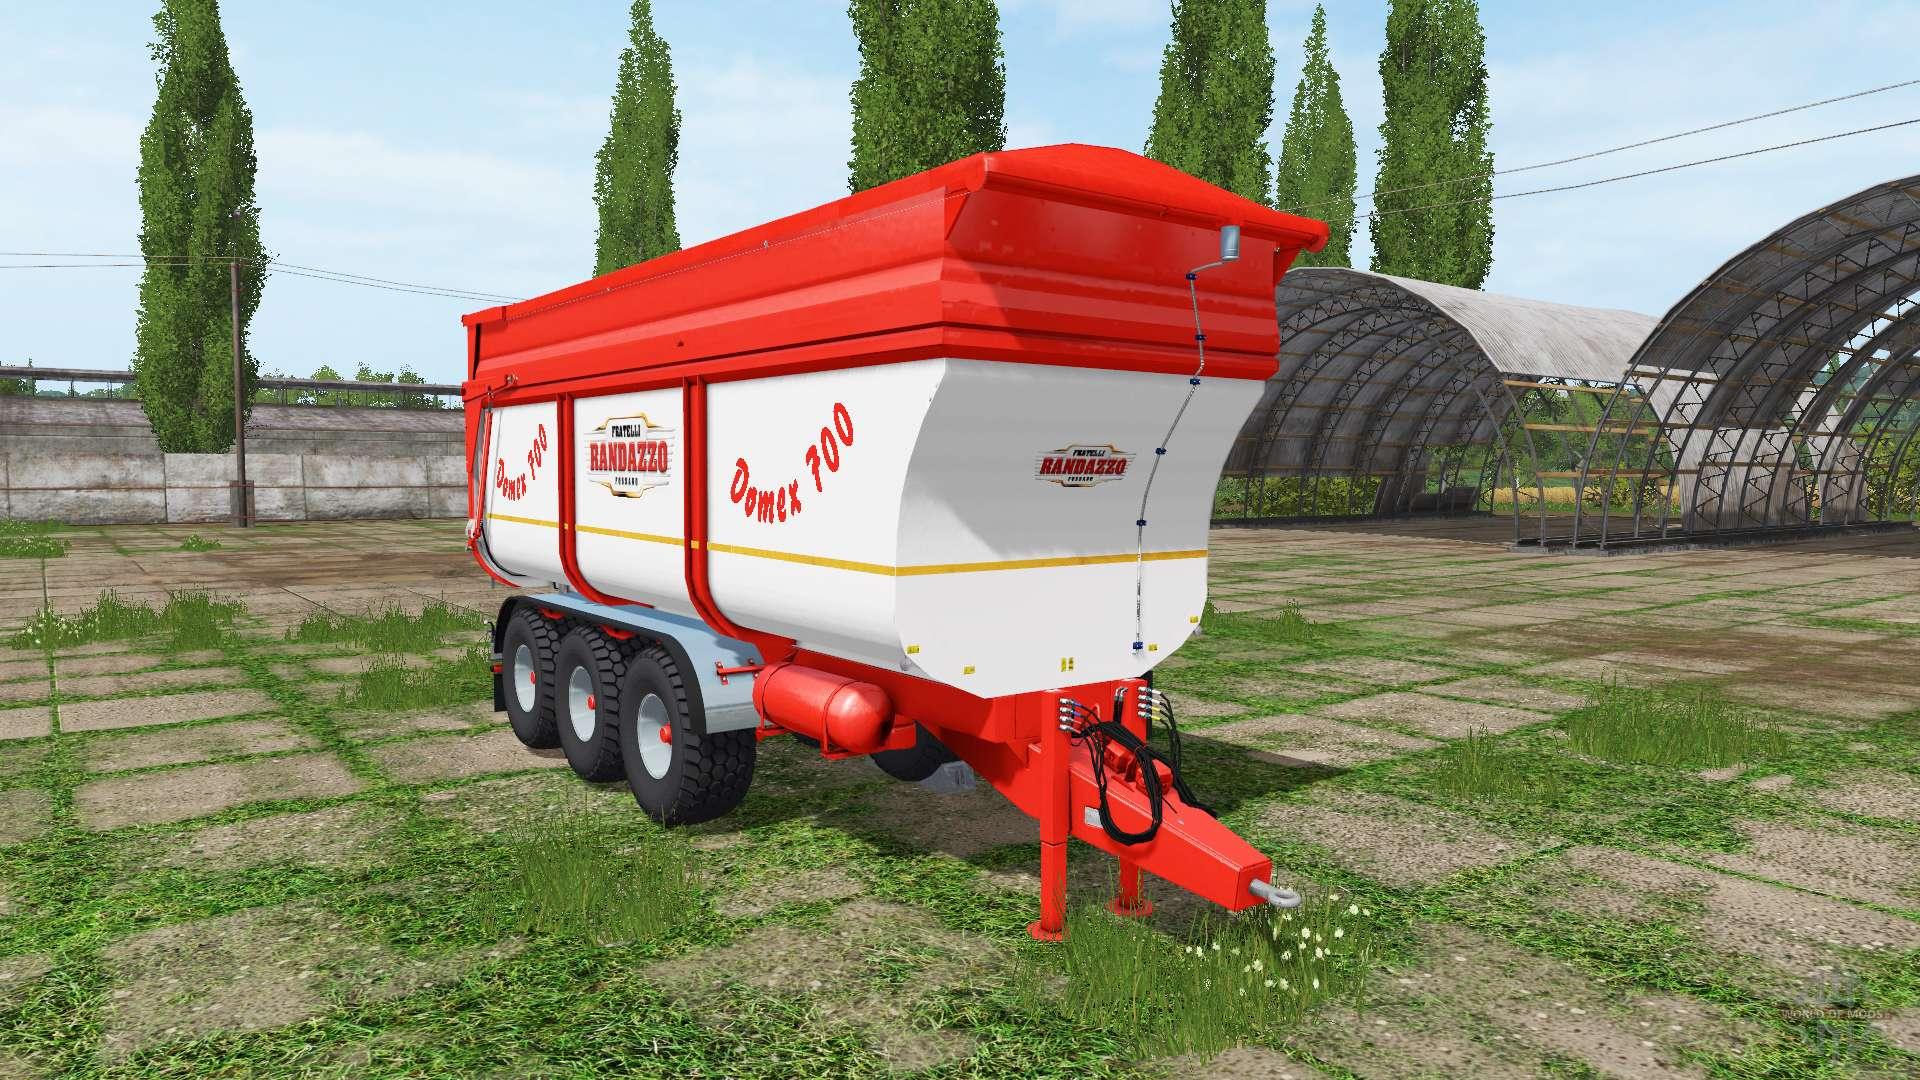 Rimorchi randazzo tr70 v1 0 1 3 for farming simulator 2017 for Rimorchi randazzo